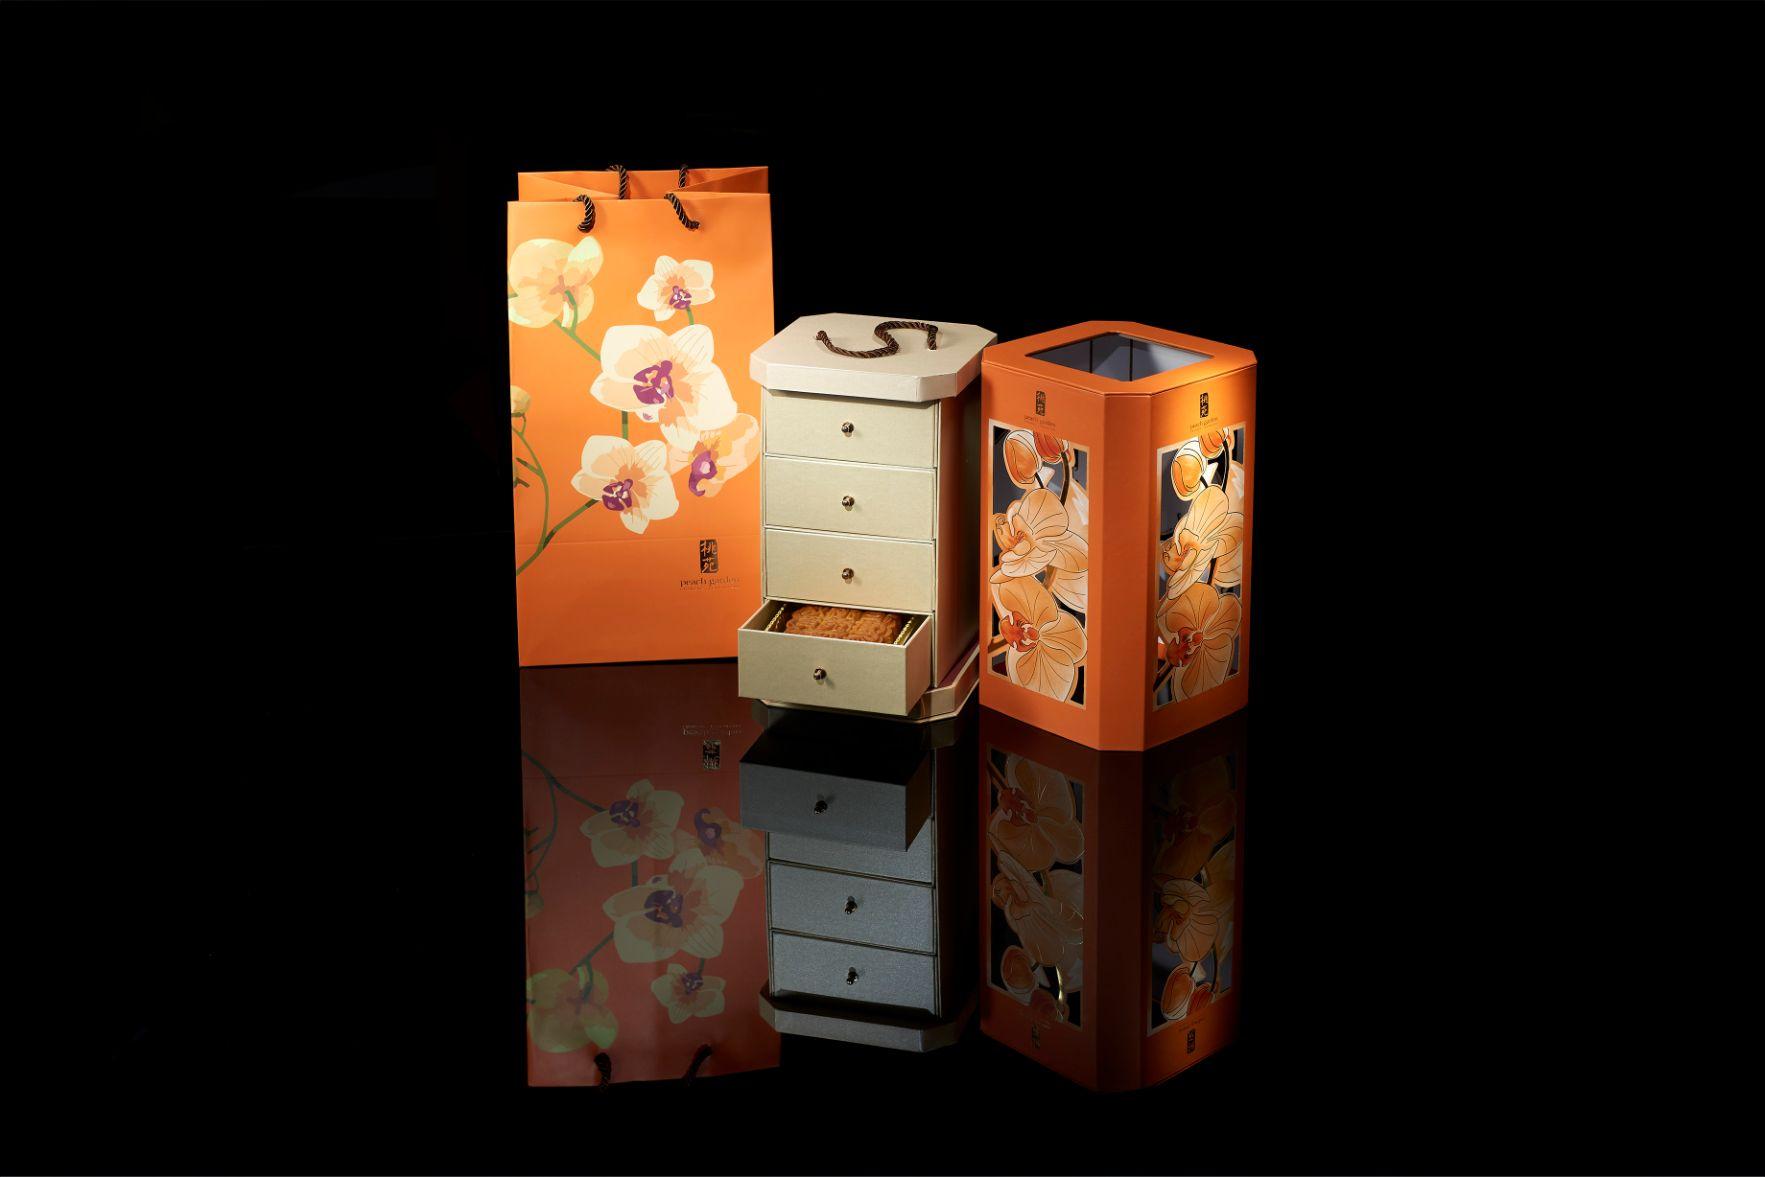 peach garden mooncake box design